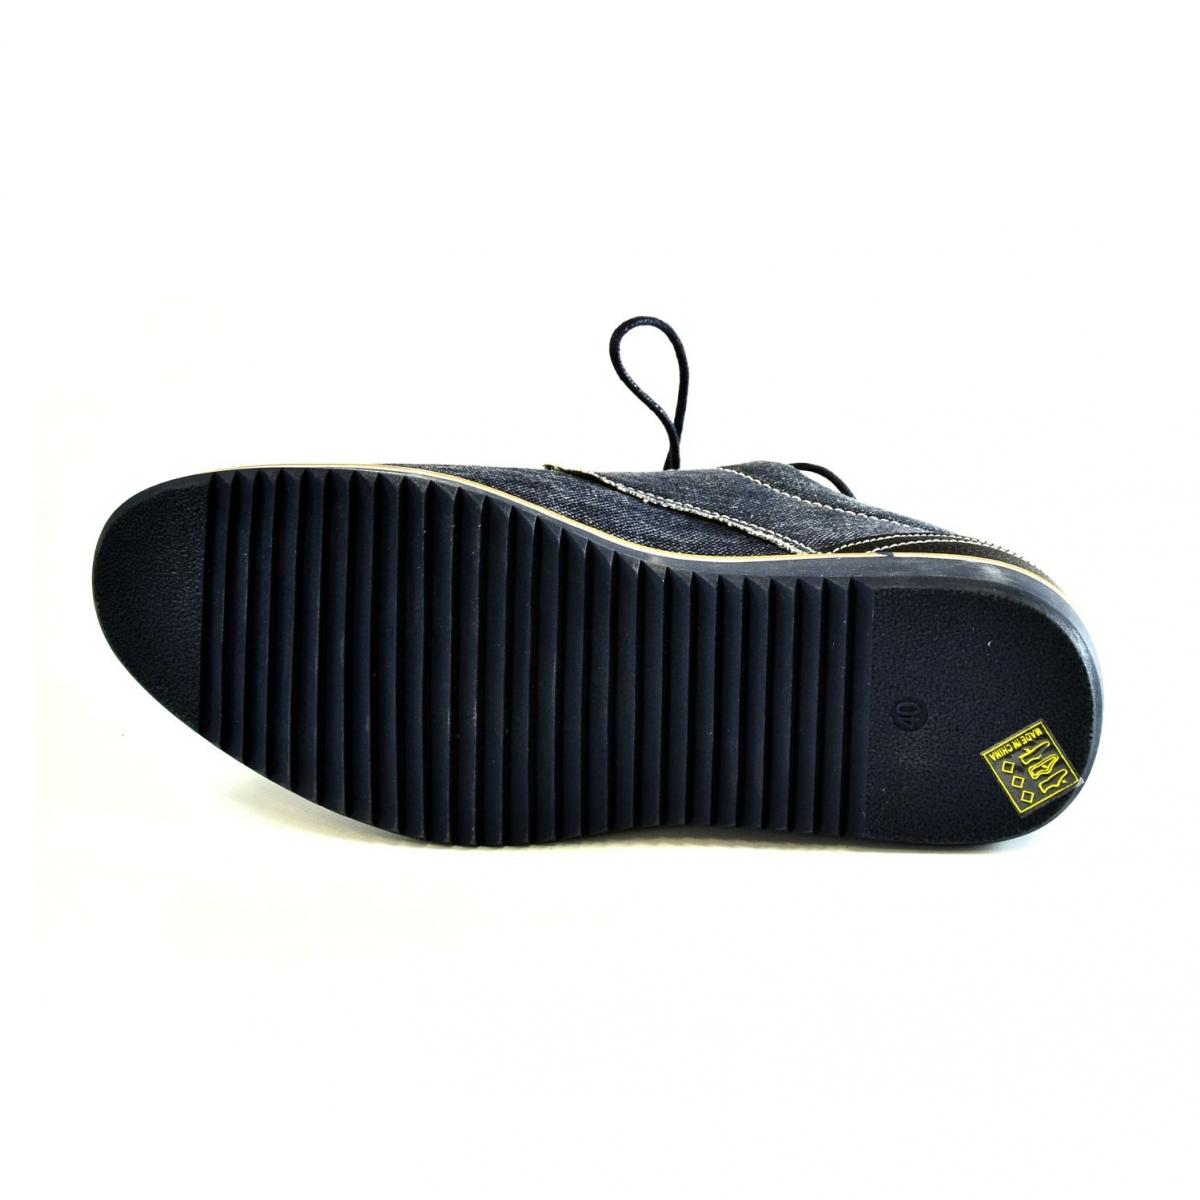 a2b83232369f9 Pánske riflové topánky RODERICK   Johnc.sk